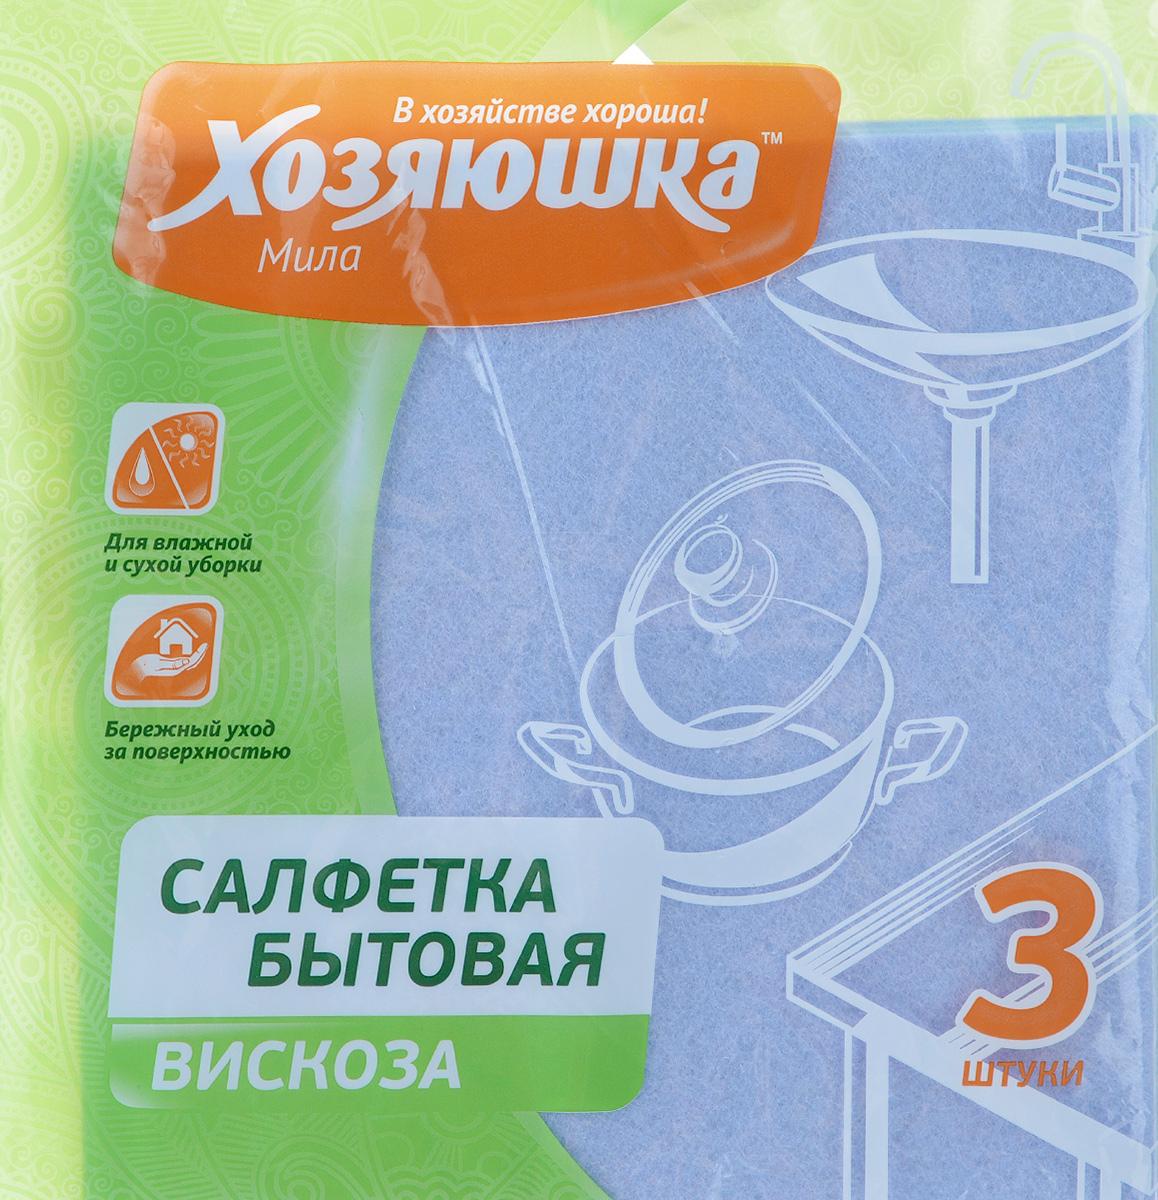 Салфетка бытовая Хозяюшка Мила, 35 см х 35 см, 3 шт. 0400104001_сиреневыйСалфетка бытовая Хозяюшка Мила, выполненная из вискозы и полиэстера, хорошо впитывает влагу и легко выжимается. Отлично удаляет пыль, не оставляет разводов и ворсинок. Салфетка может использоваться для ухода за всеми видами поверхностей: деревянной и ламинированной мебели, кухонной мебели, кафеля, раковин.Размер салфетки: 35 см х 35 см.Комплектация: 3 шт.